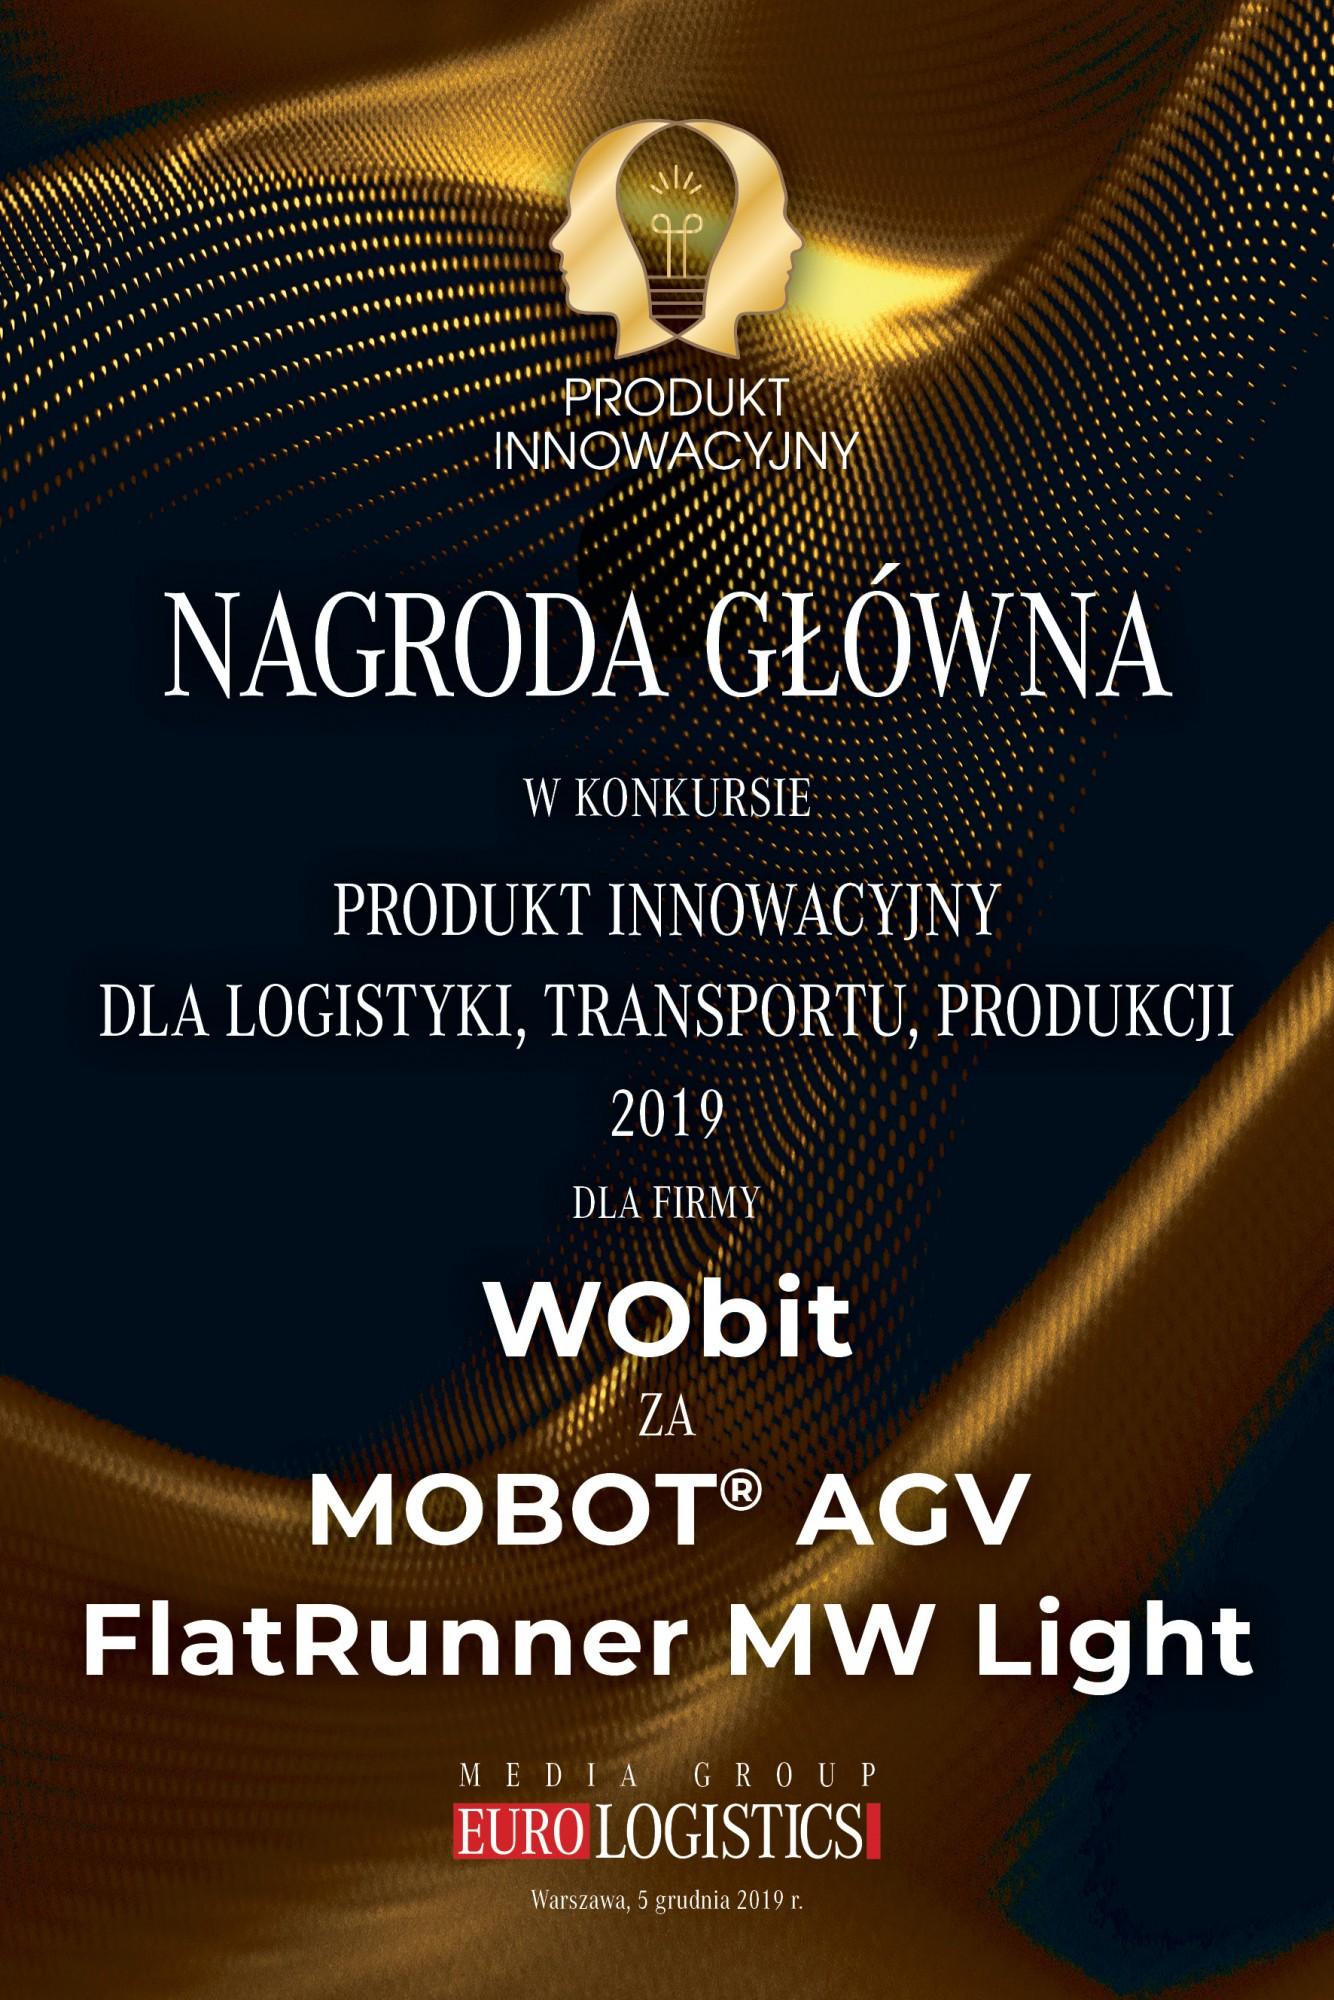 Produkt Innowacyjny dla Logistyki, Transportu, Produkcji 2019